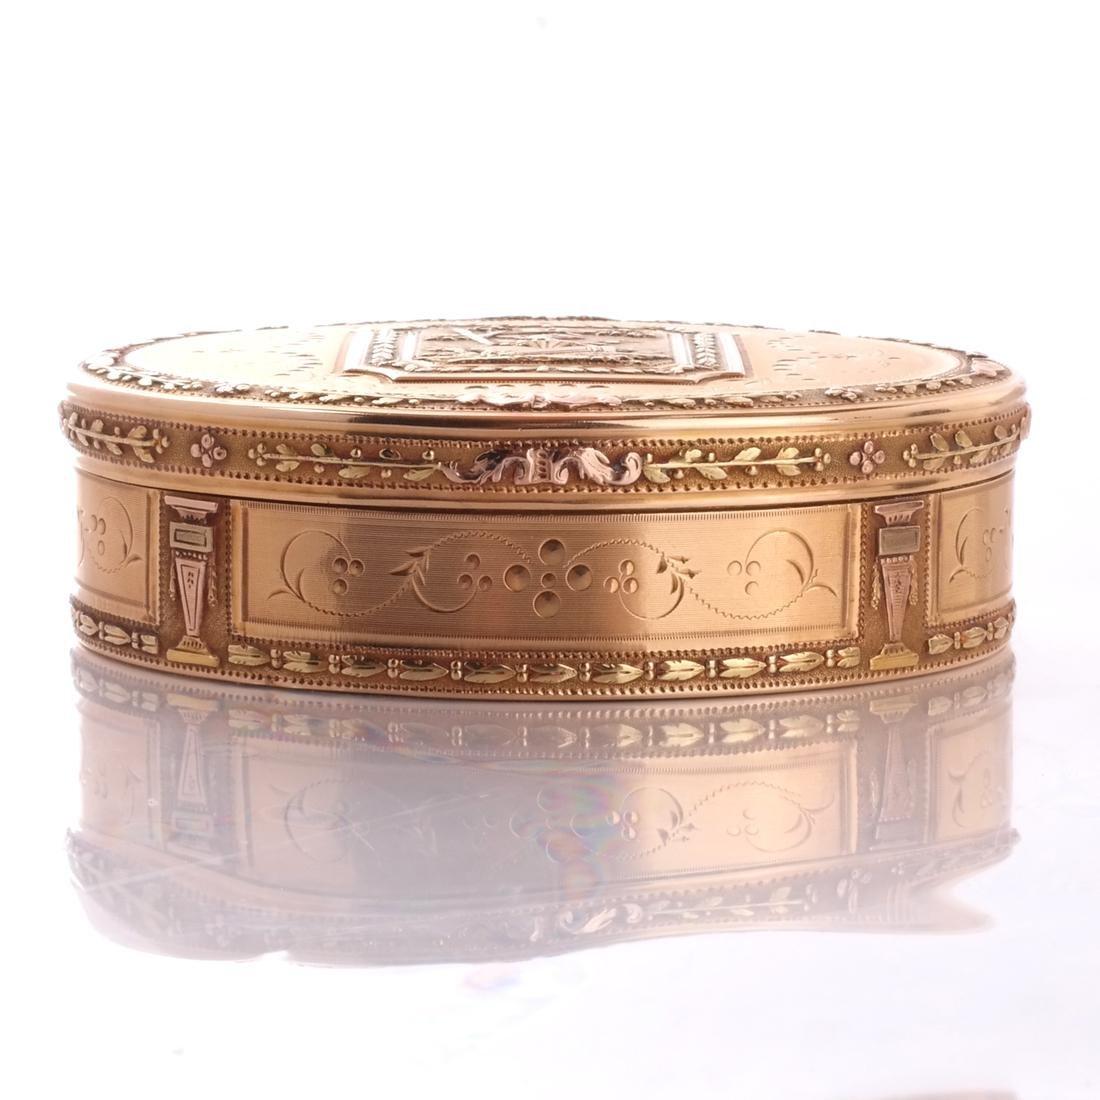 Swiss 18k Gold Snuff Box, 19th C. - 2